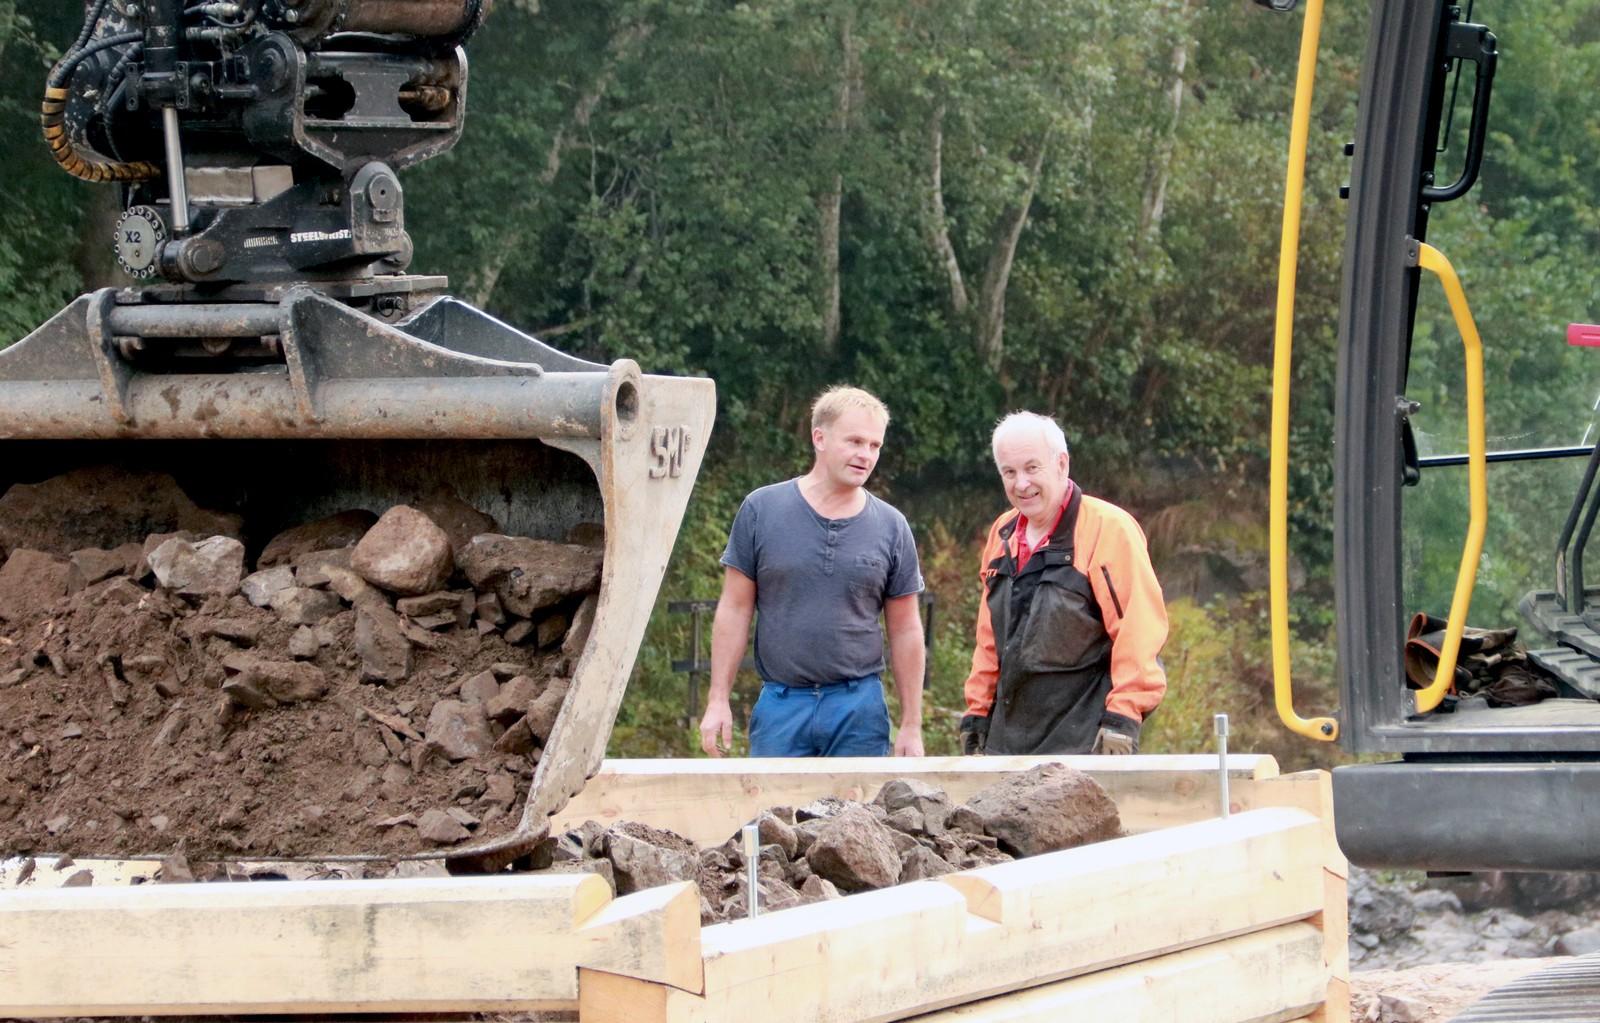 FYLLER PÅ MED STEIN: For at tømmerkarene skal stå i mot vannmassene, fylles de med stein. Ordfører Knut Olav Omholt (t.v) og Ole Petter Skjerven fra Kjærra Laxefiske i bakgrunnen.